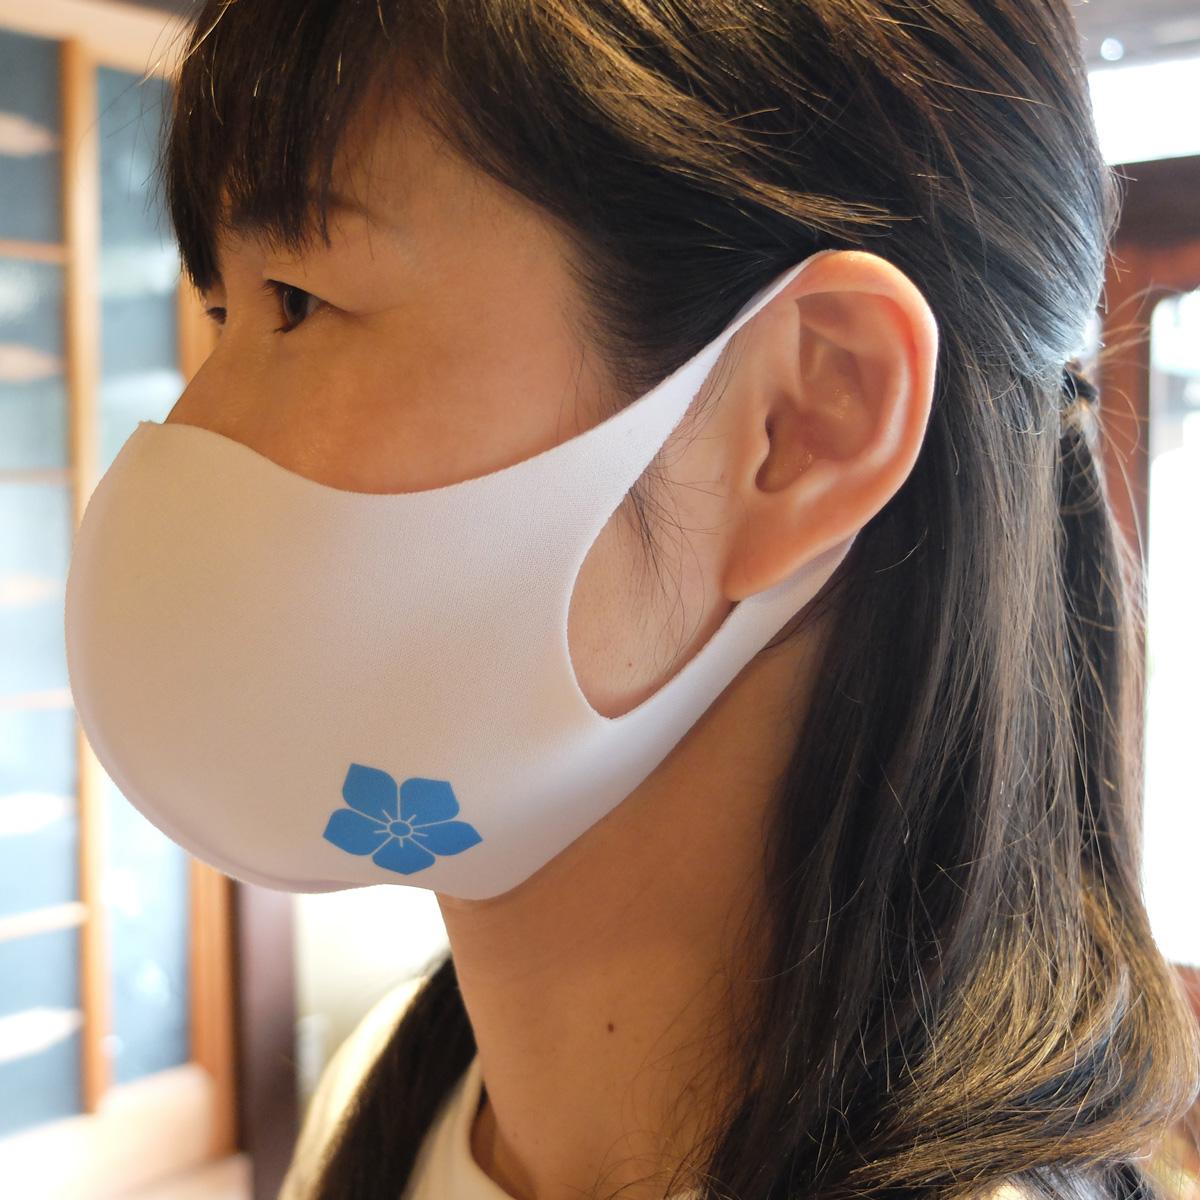 桔梗紋マスク 着用例